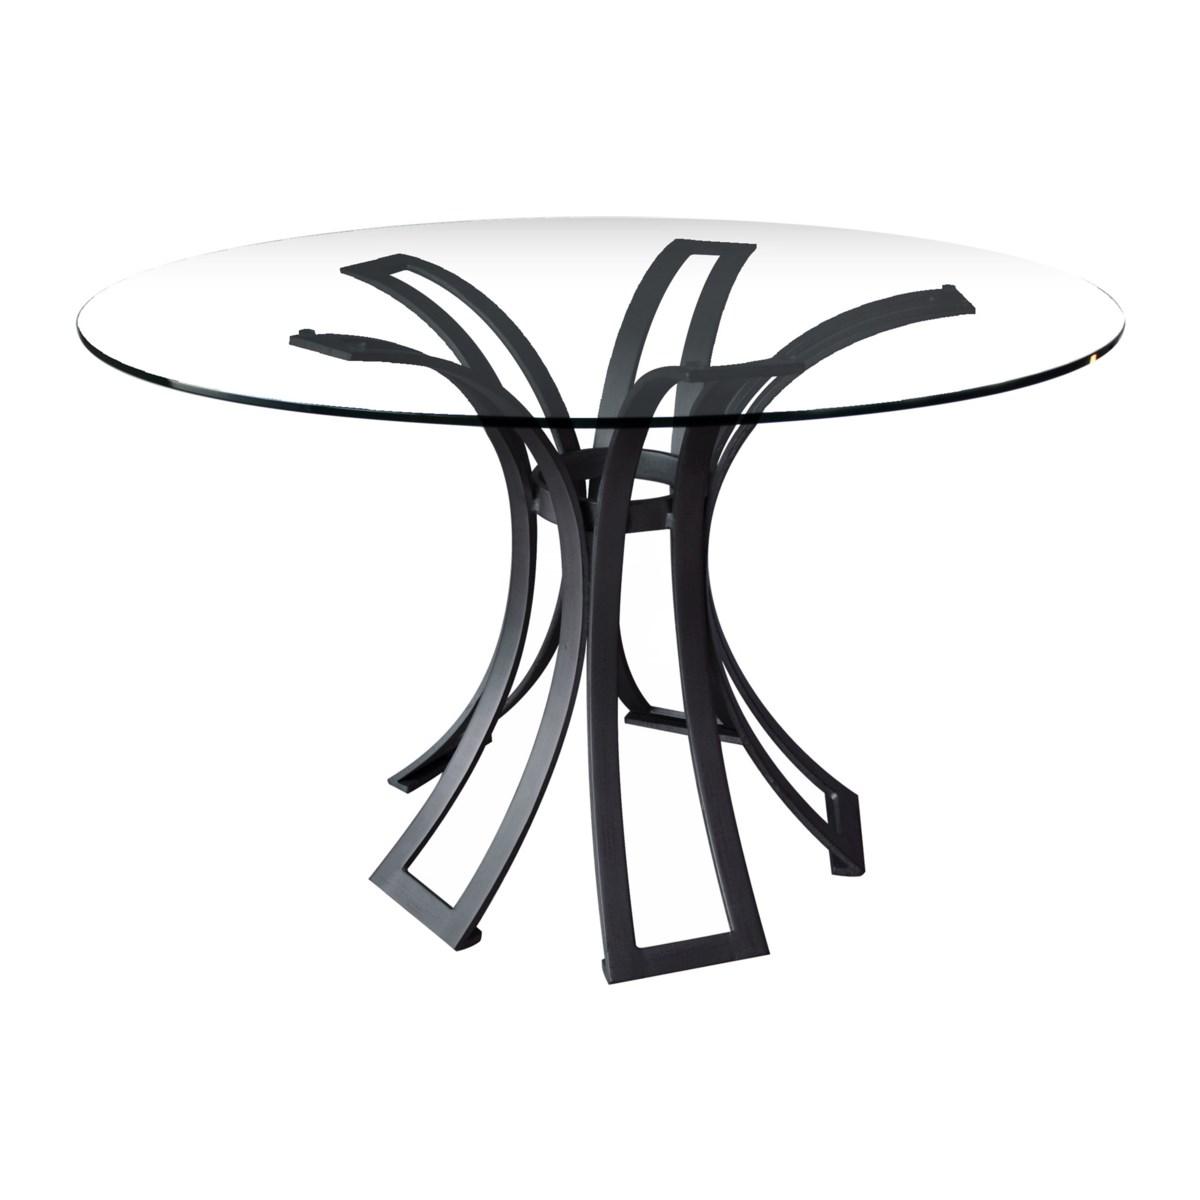 Klismos Dining Table Base in Black